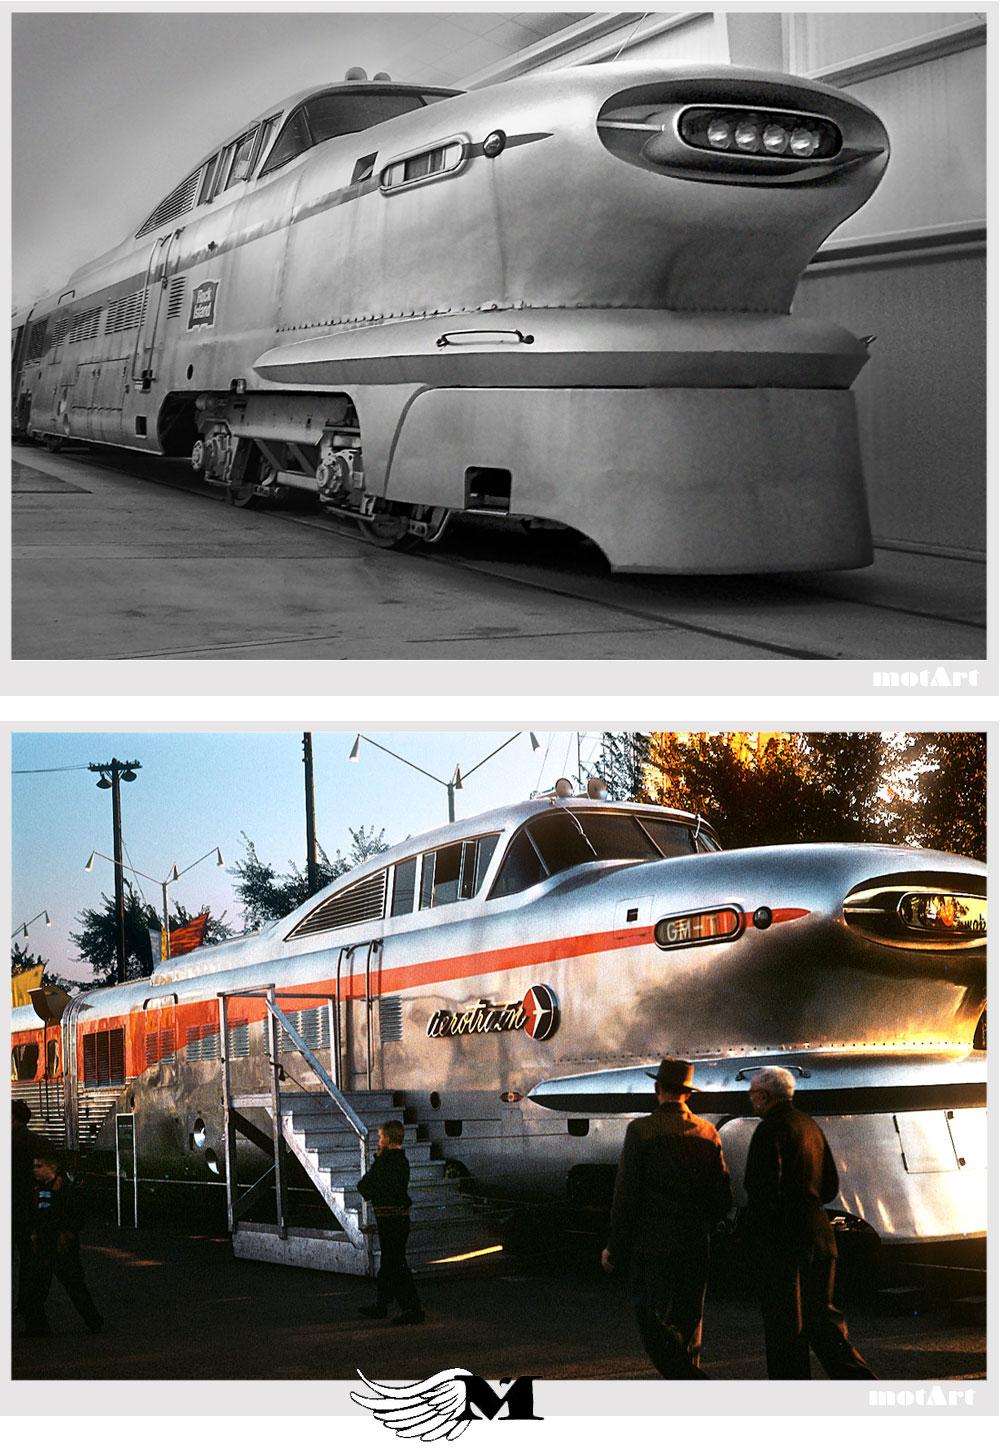 MotArt: Aerotrain (